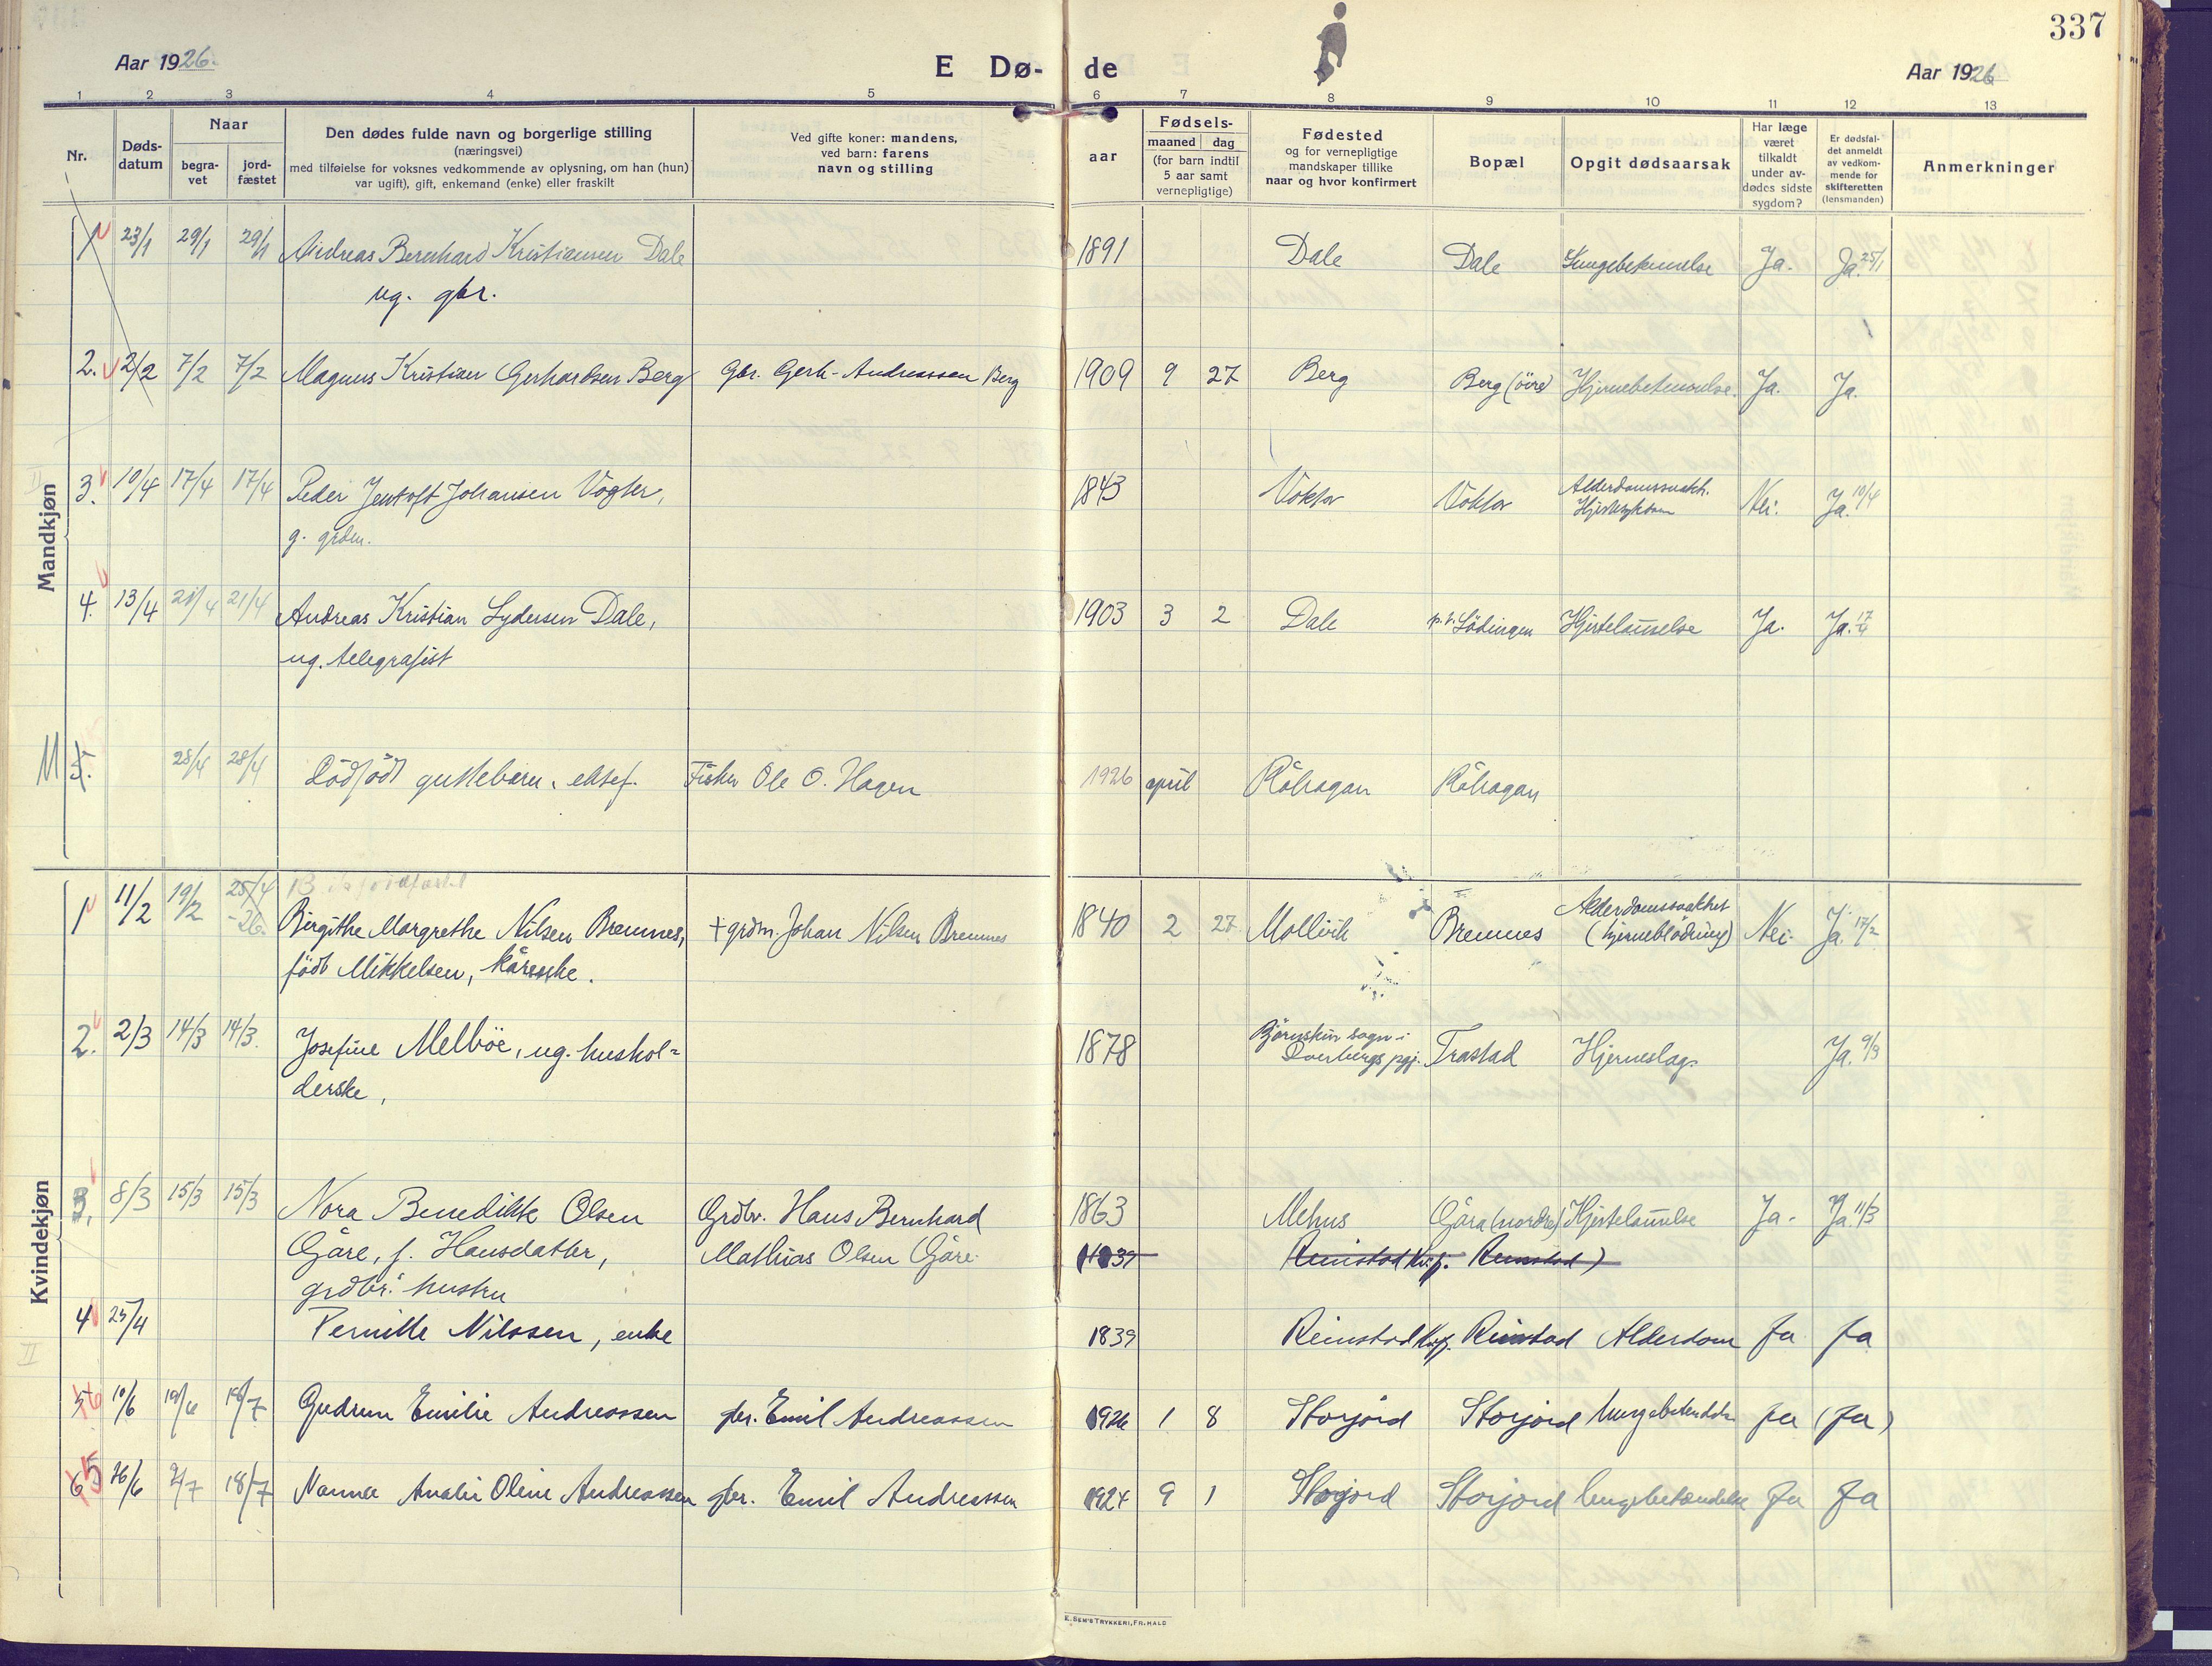 SATØ, Kvæfjord sokneprestkontor, G/Ga/Gaa/L0007kirke: Ministerialbok nr. 7, 1915-1931, s. 337